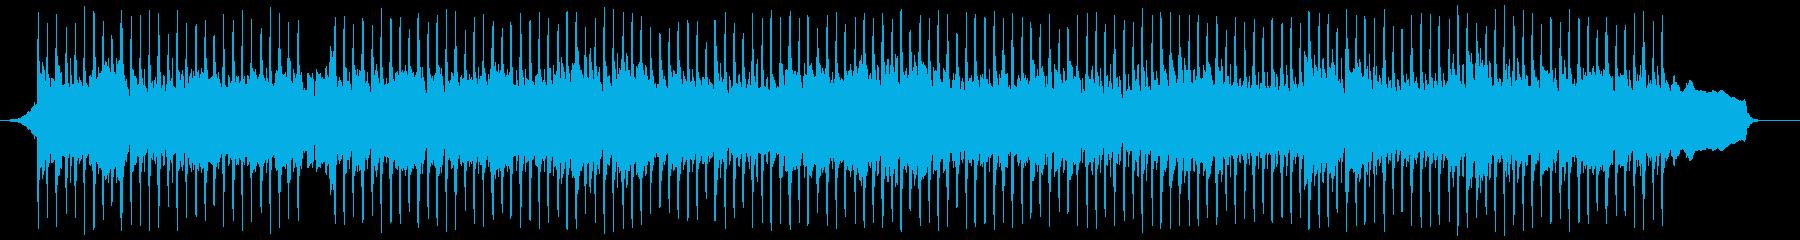 元気に前進する4つ打ちの再生済みの波形